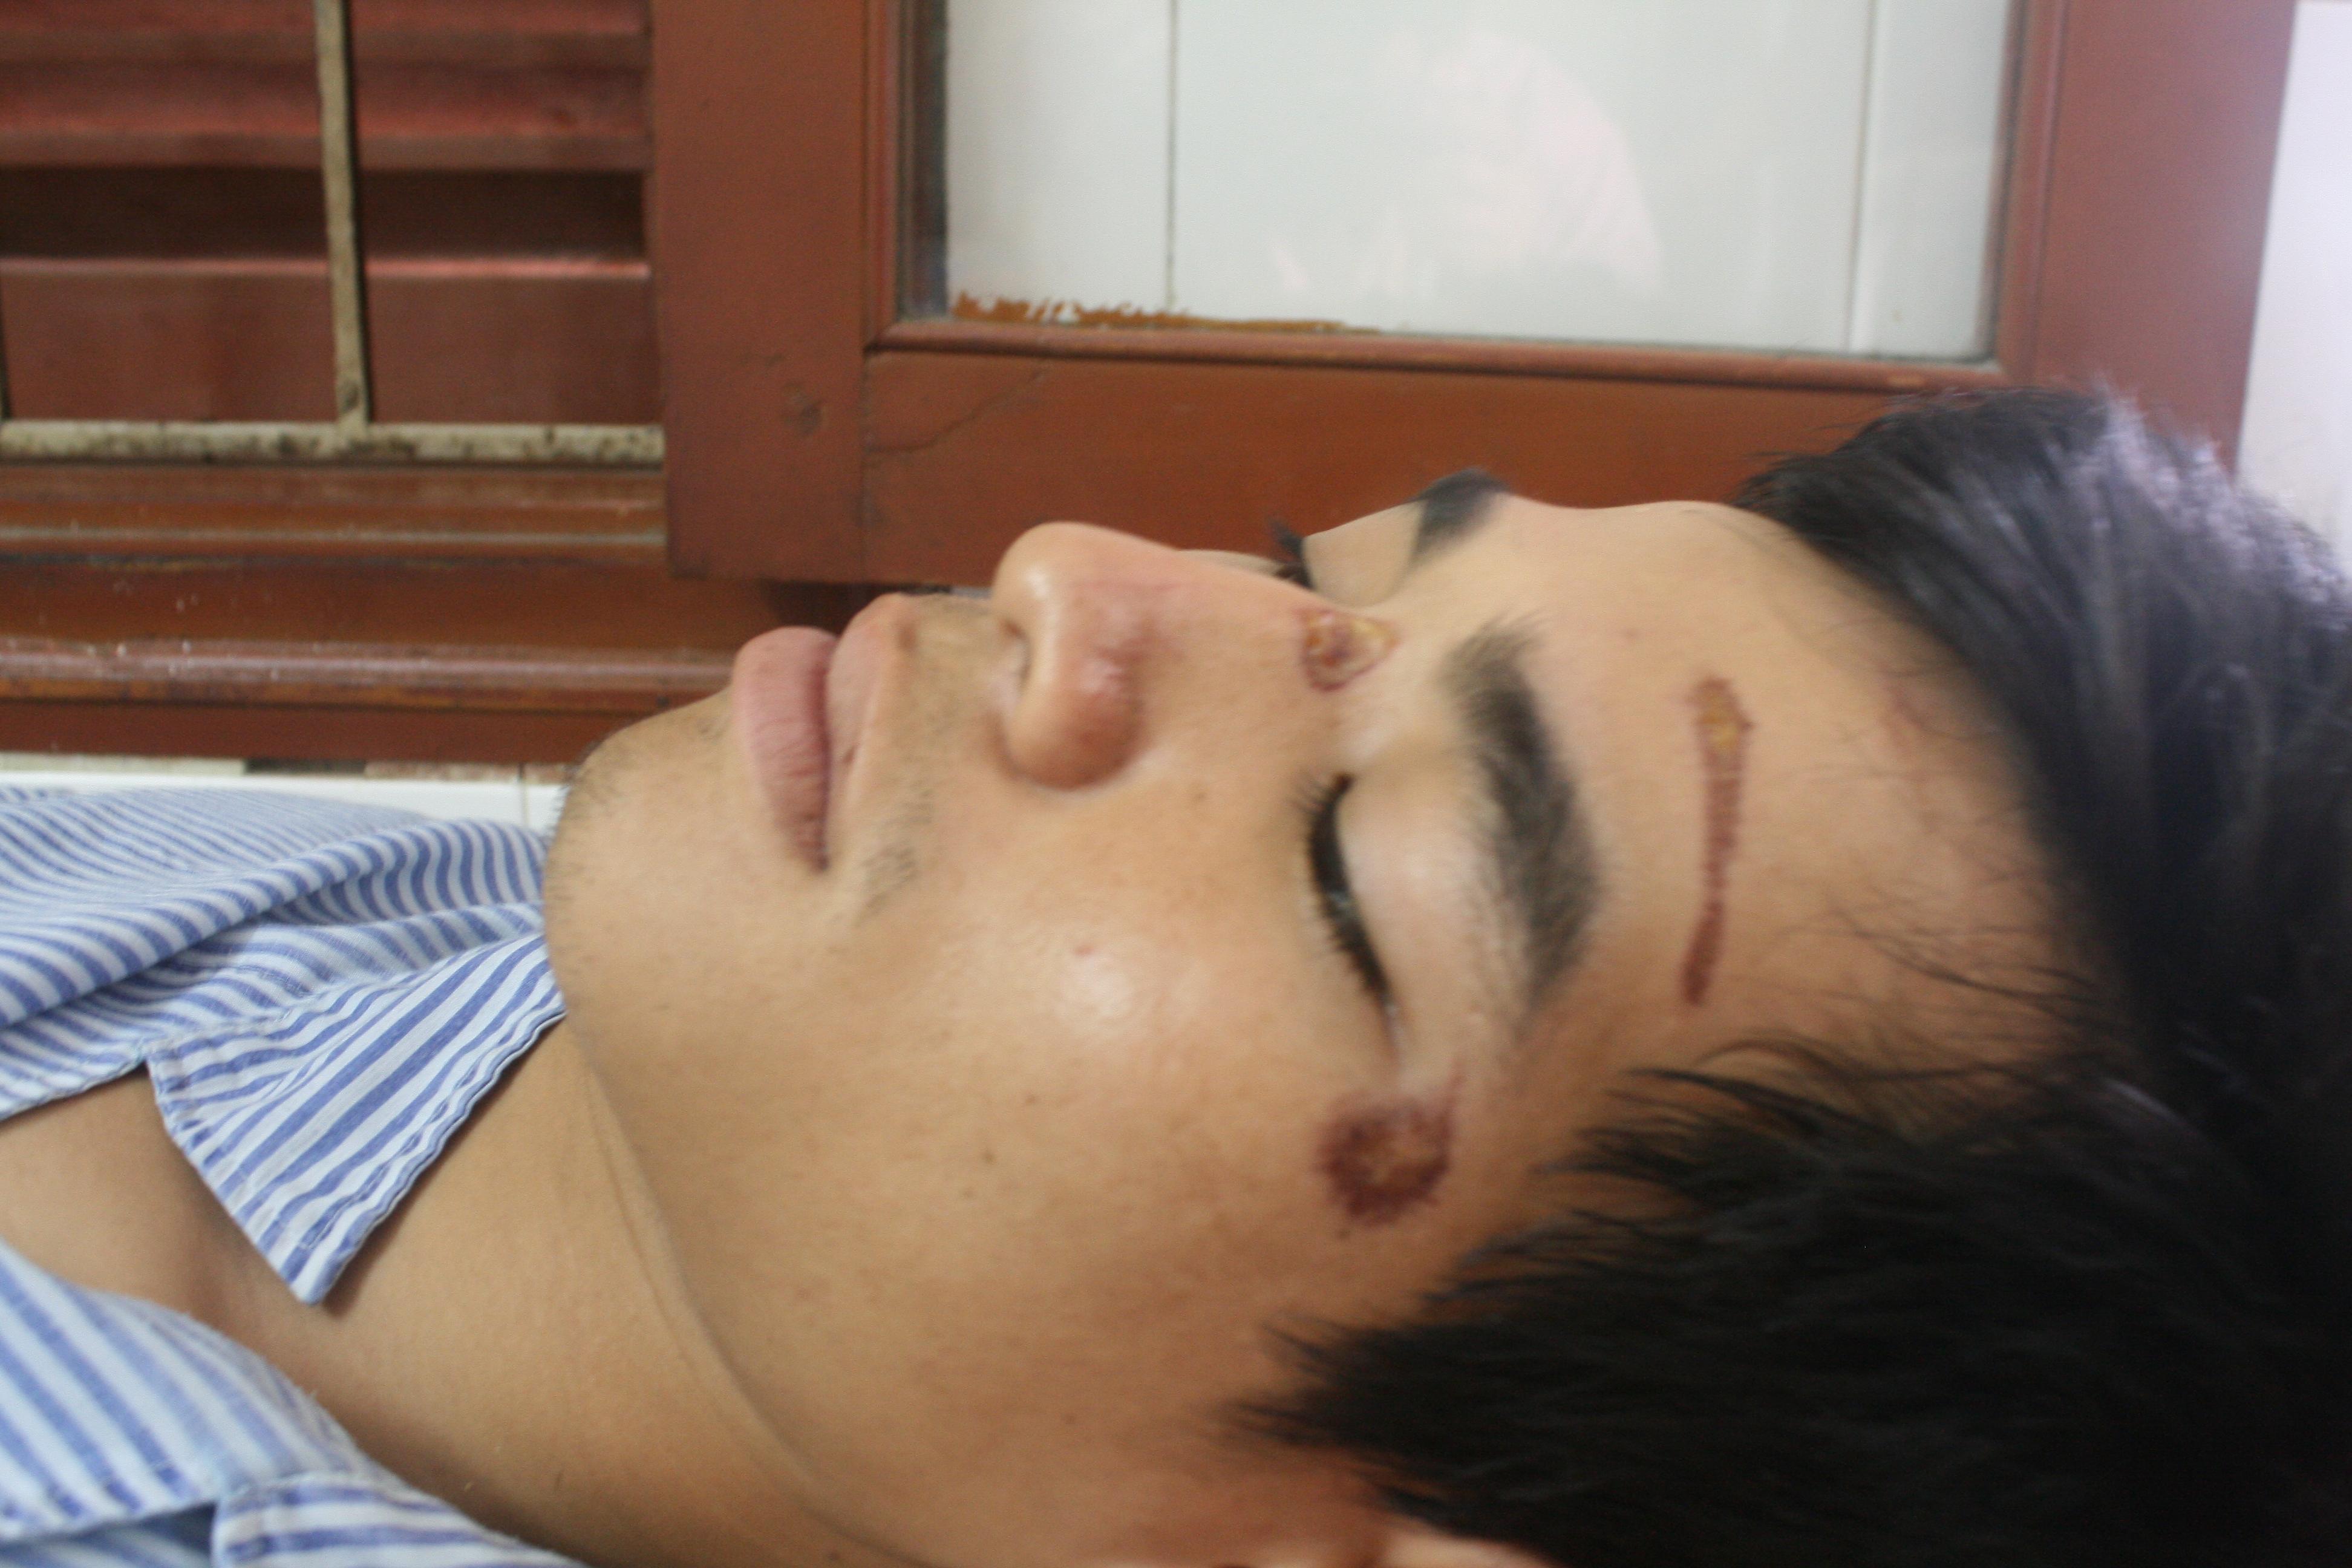 Phóng viên bị cấm tác nghiệp trong vụ Công an xã Liêm Am (Vĩnh Bảo) đánh người 2